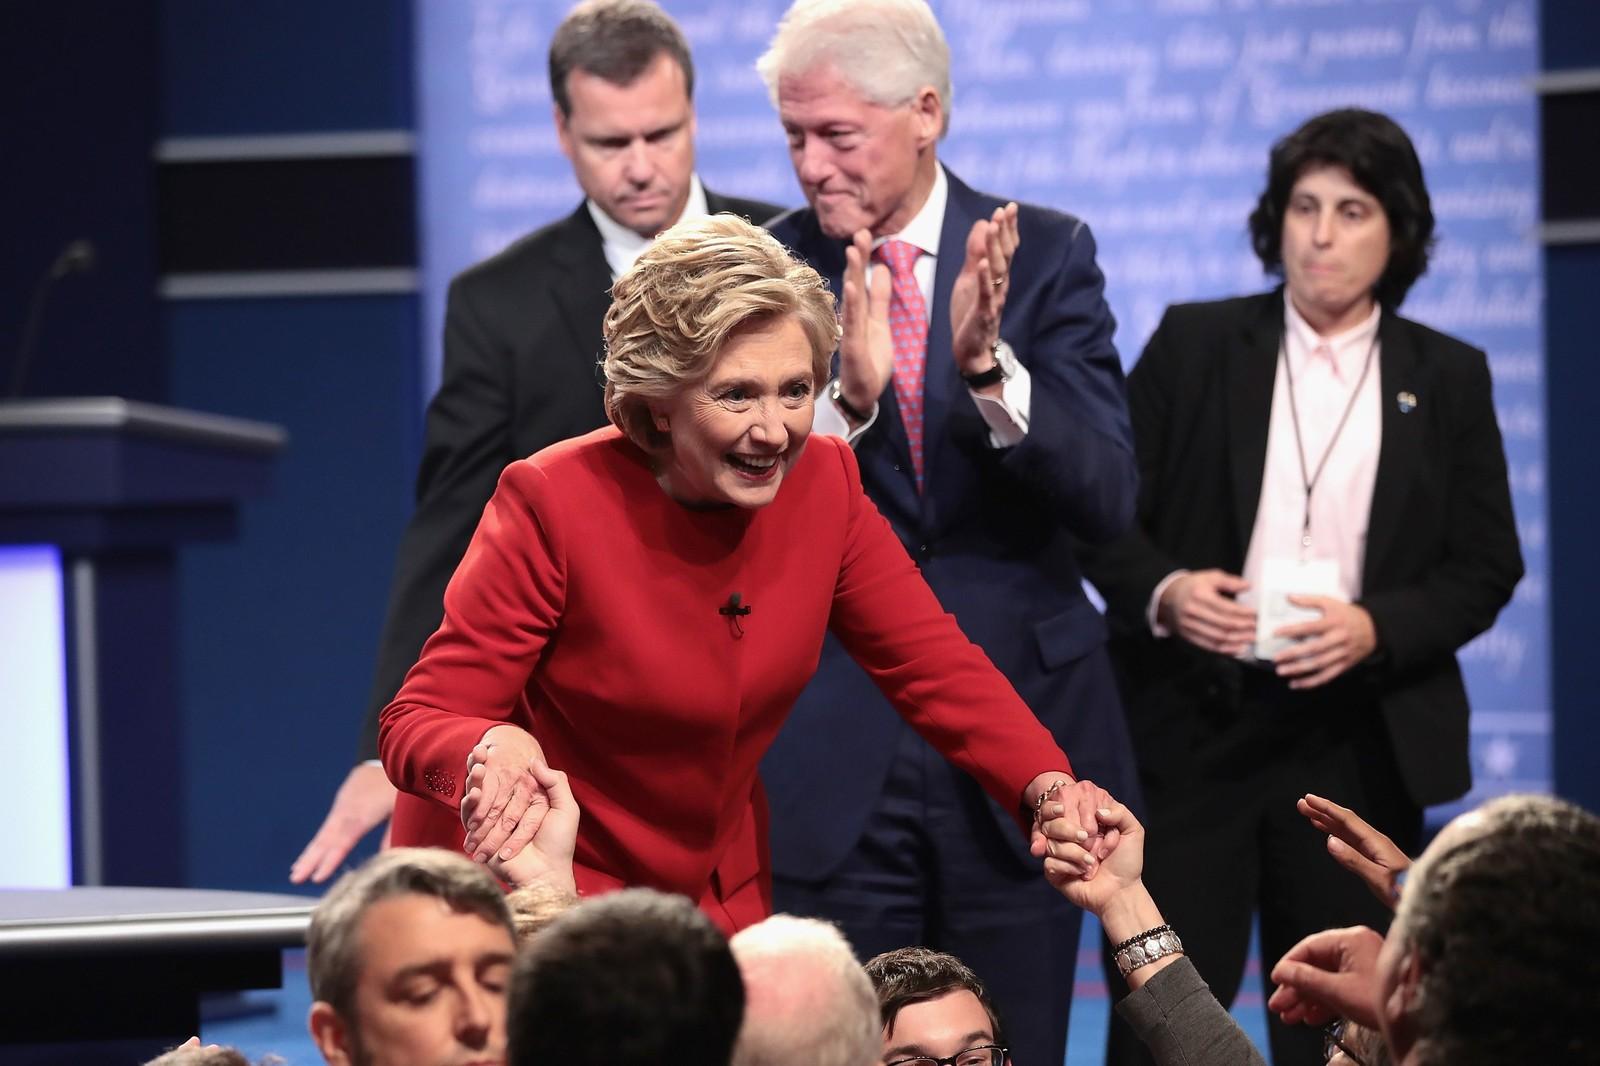 Hillary Clinton ankom med ektemann og ekspresident Bill Clinton.